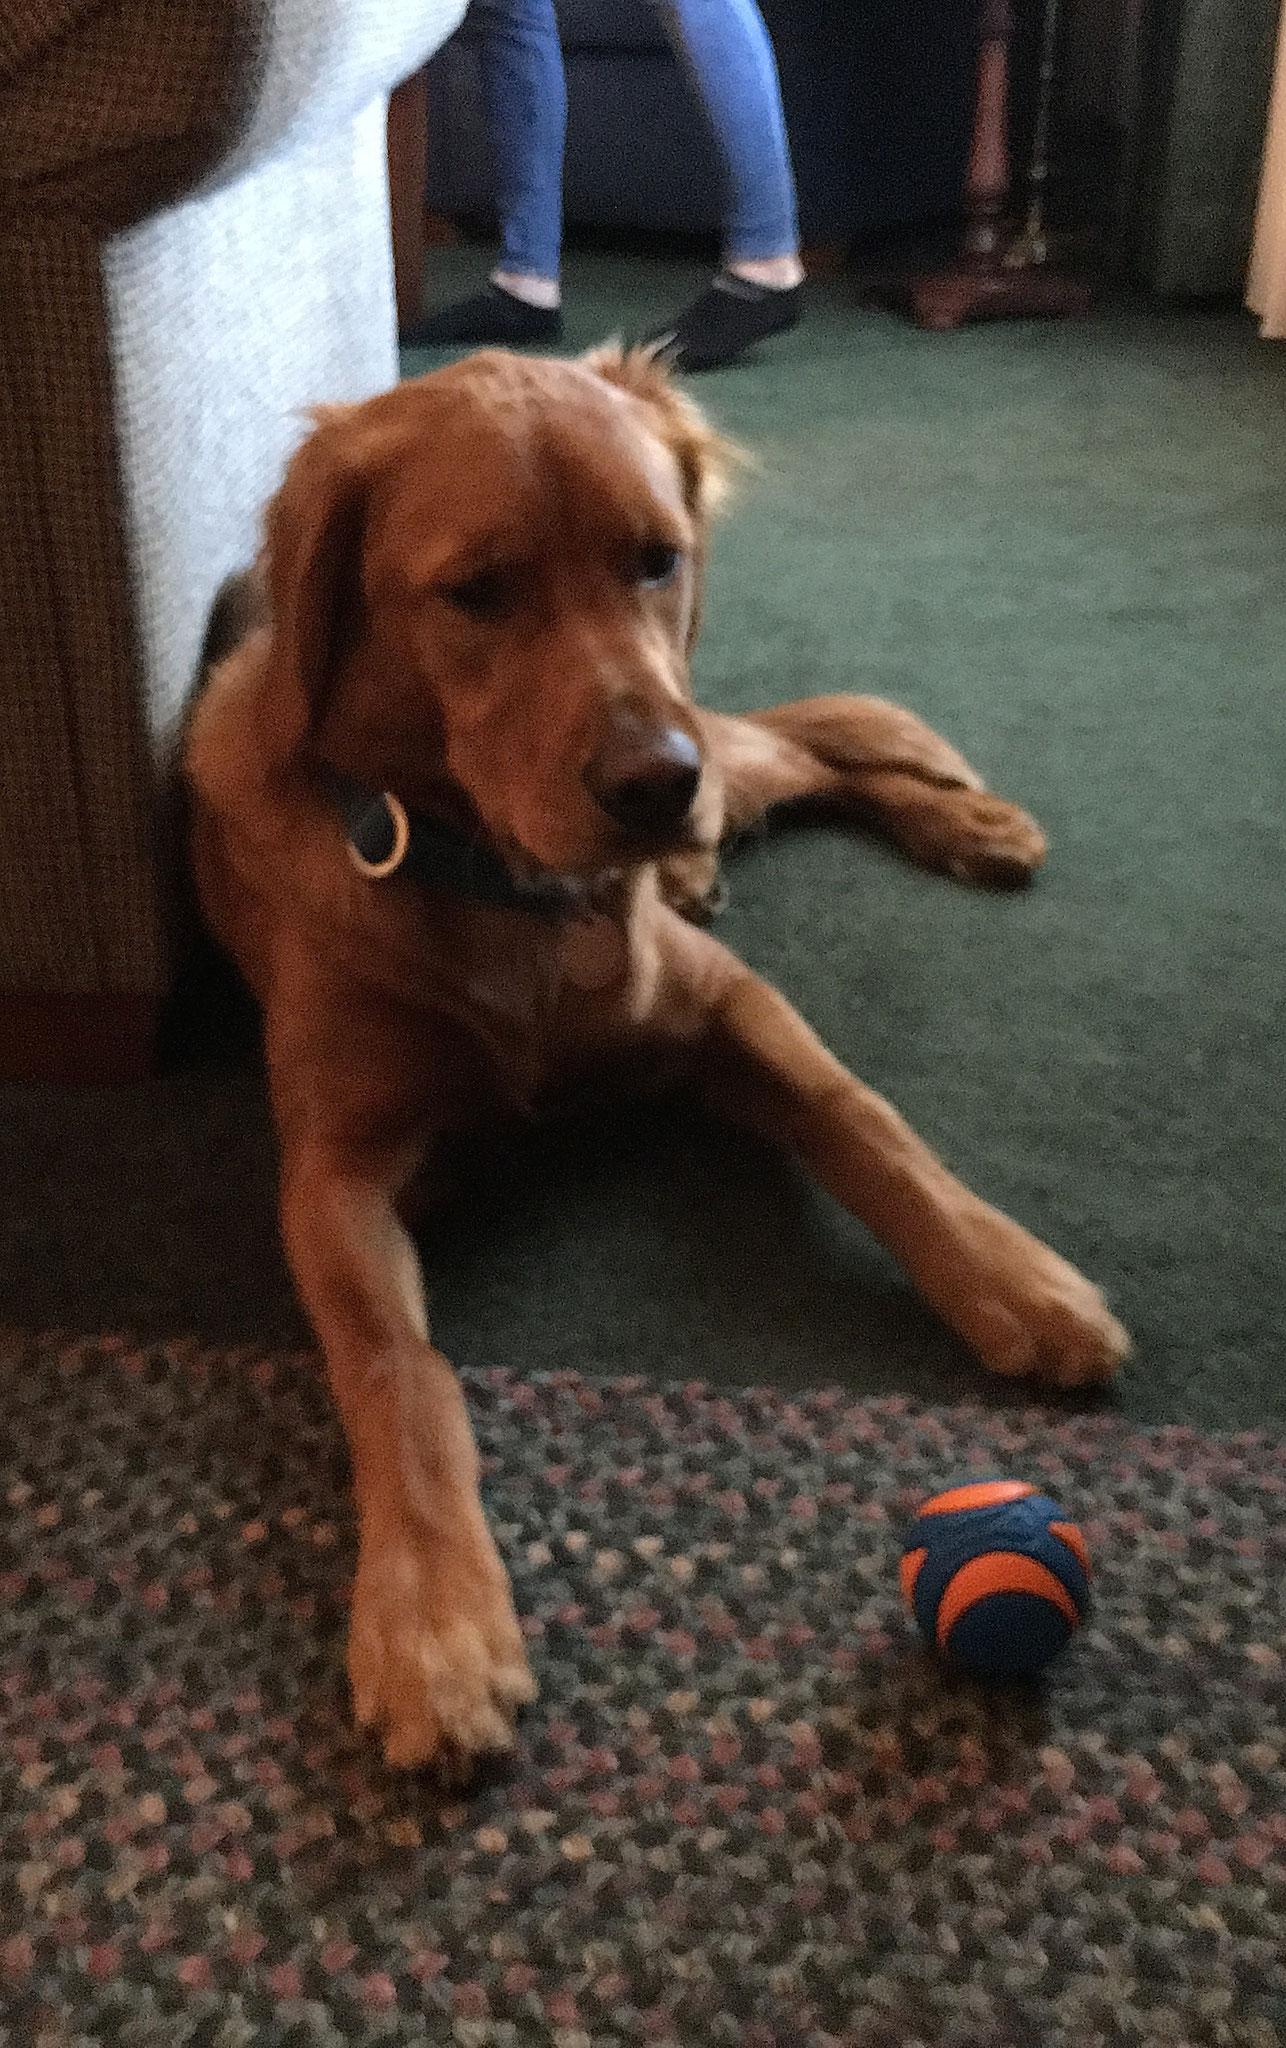 Ann's dog Wrigley